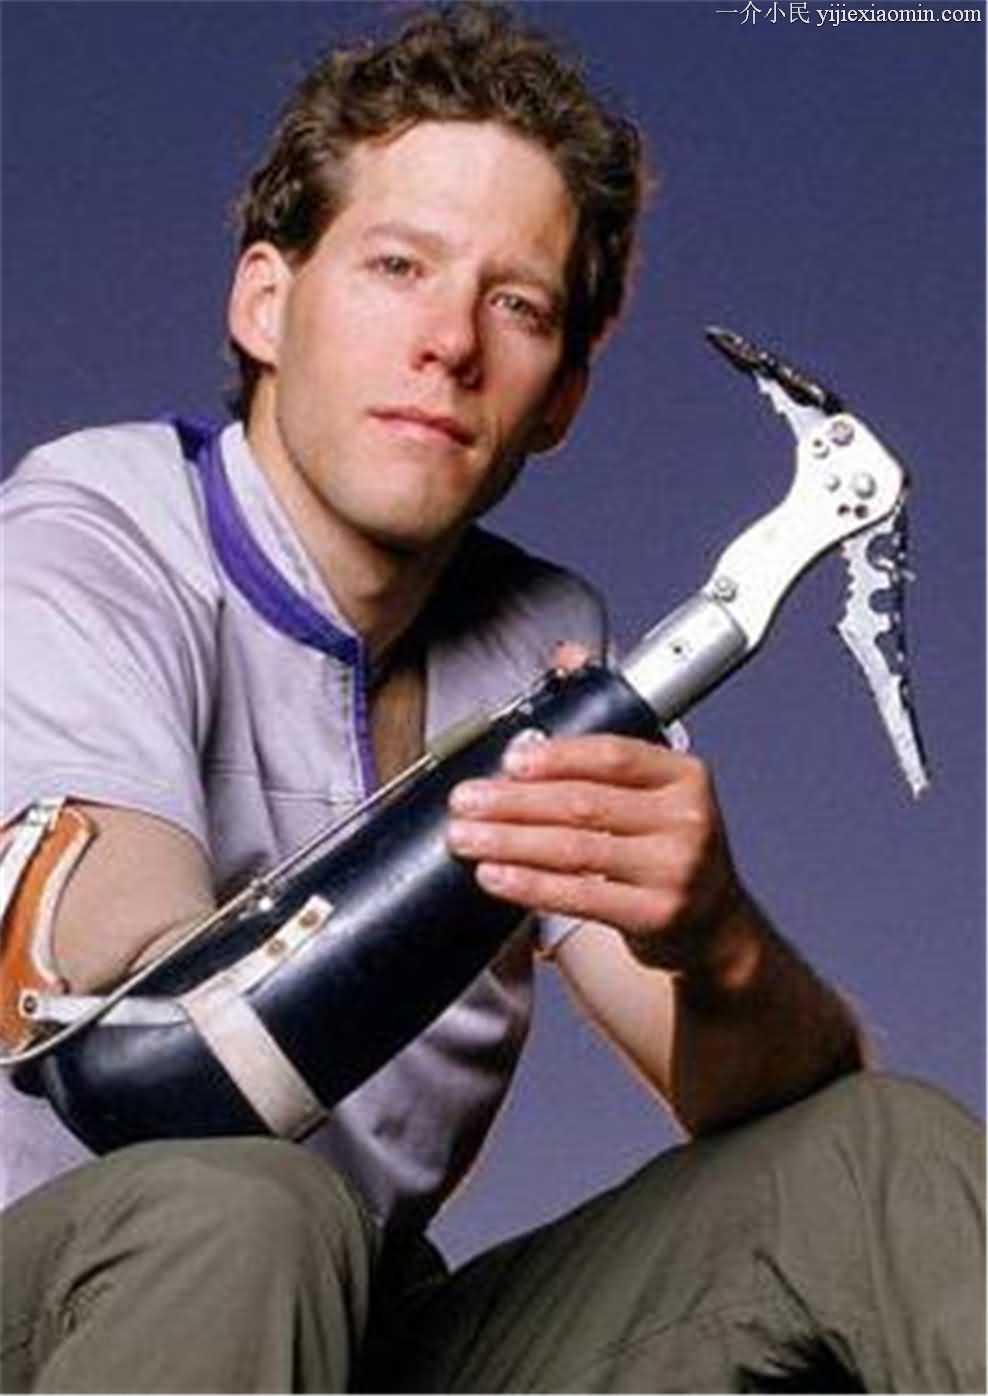 花费1个多小时割下了自己的半只手臂拍成了的电影《127小时》